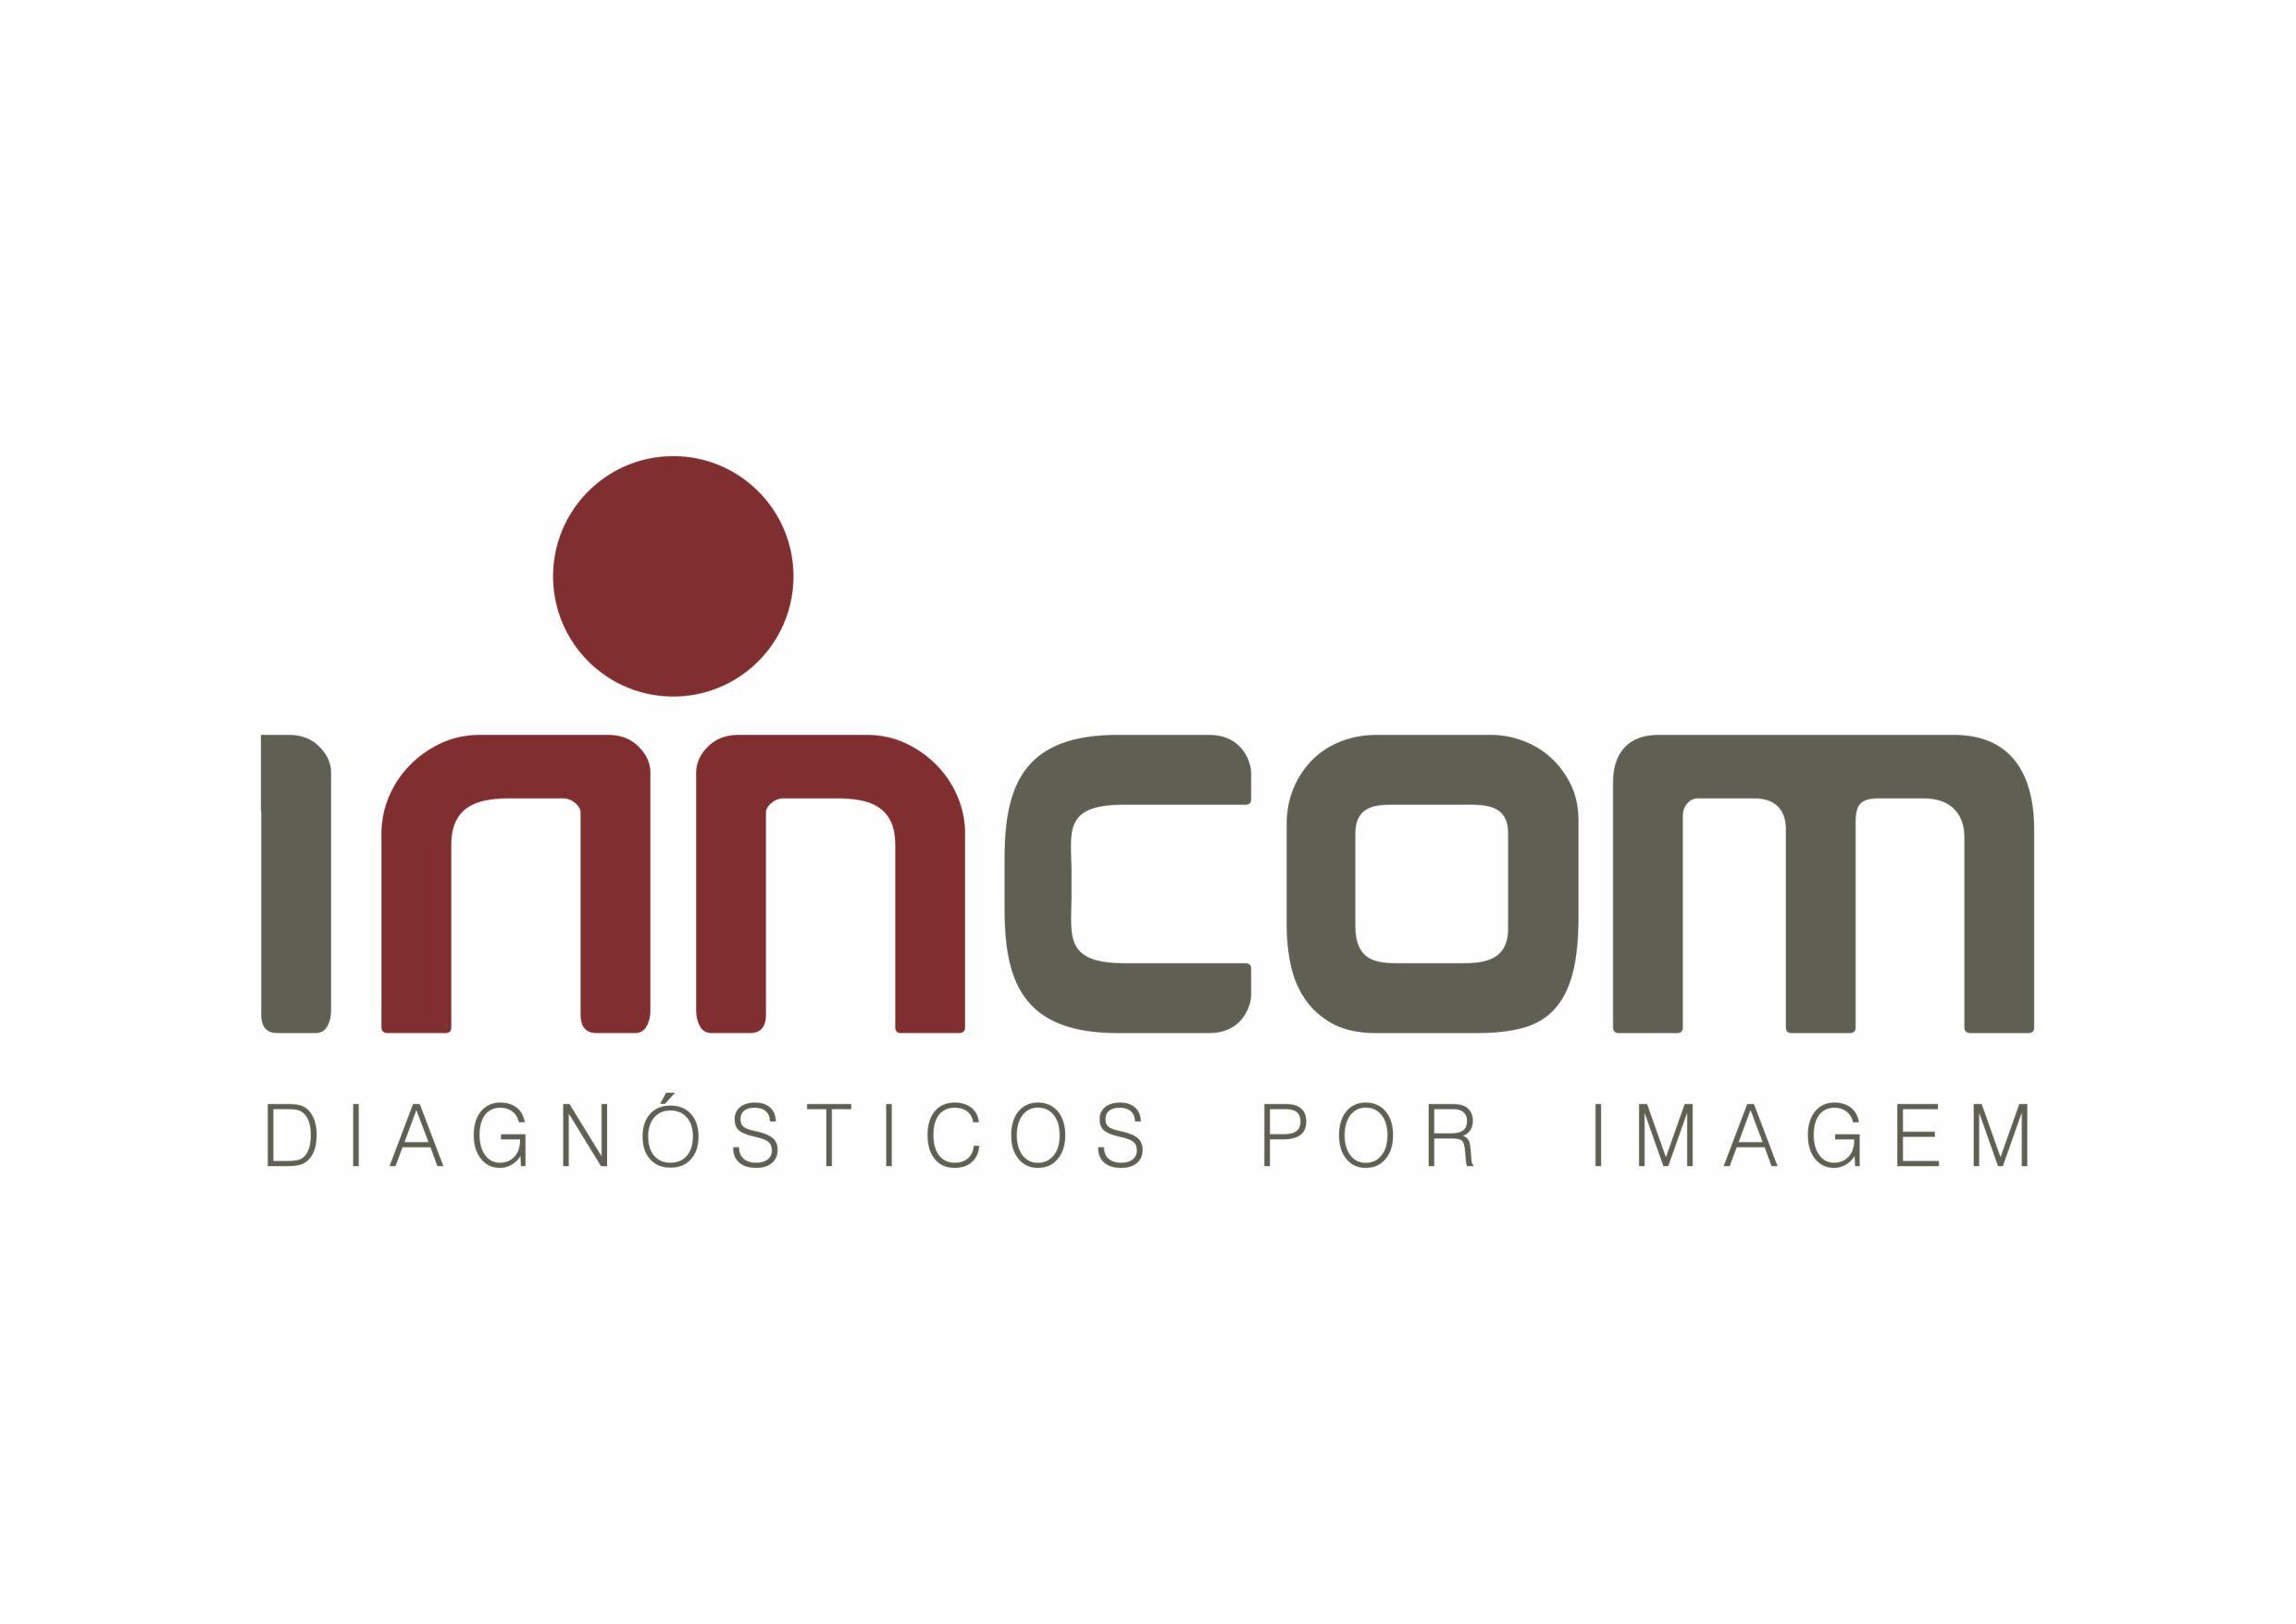 Inncom